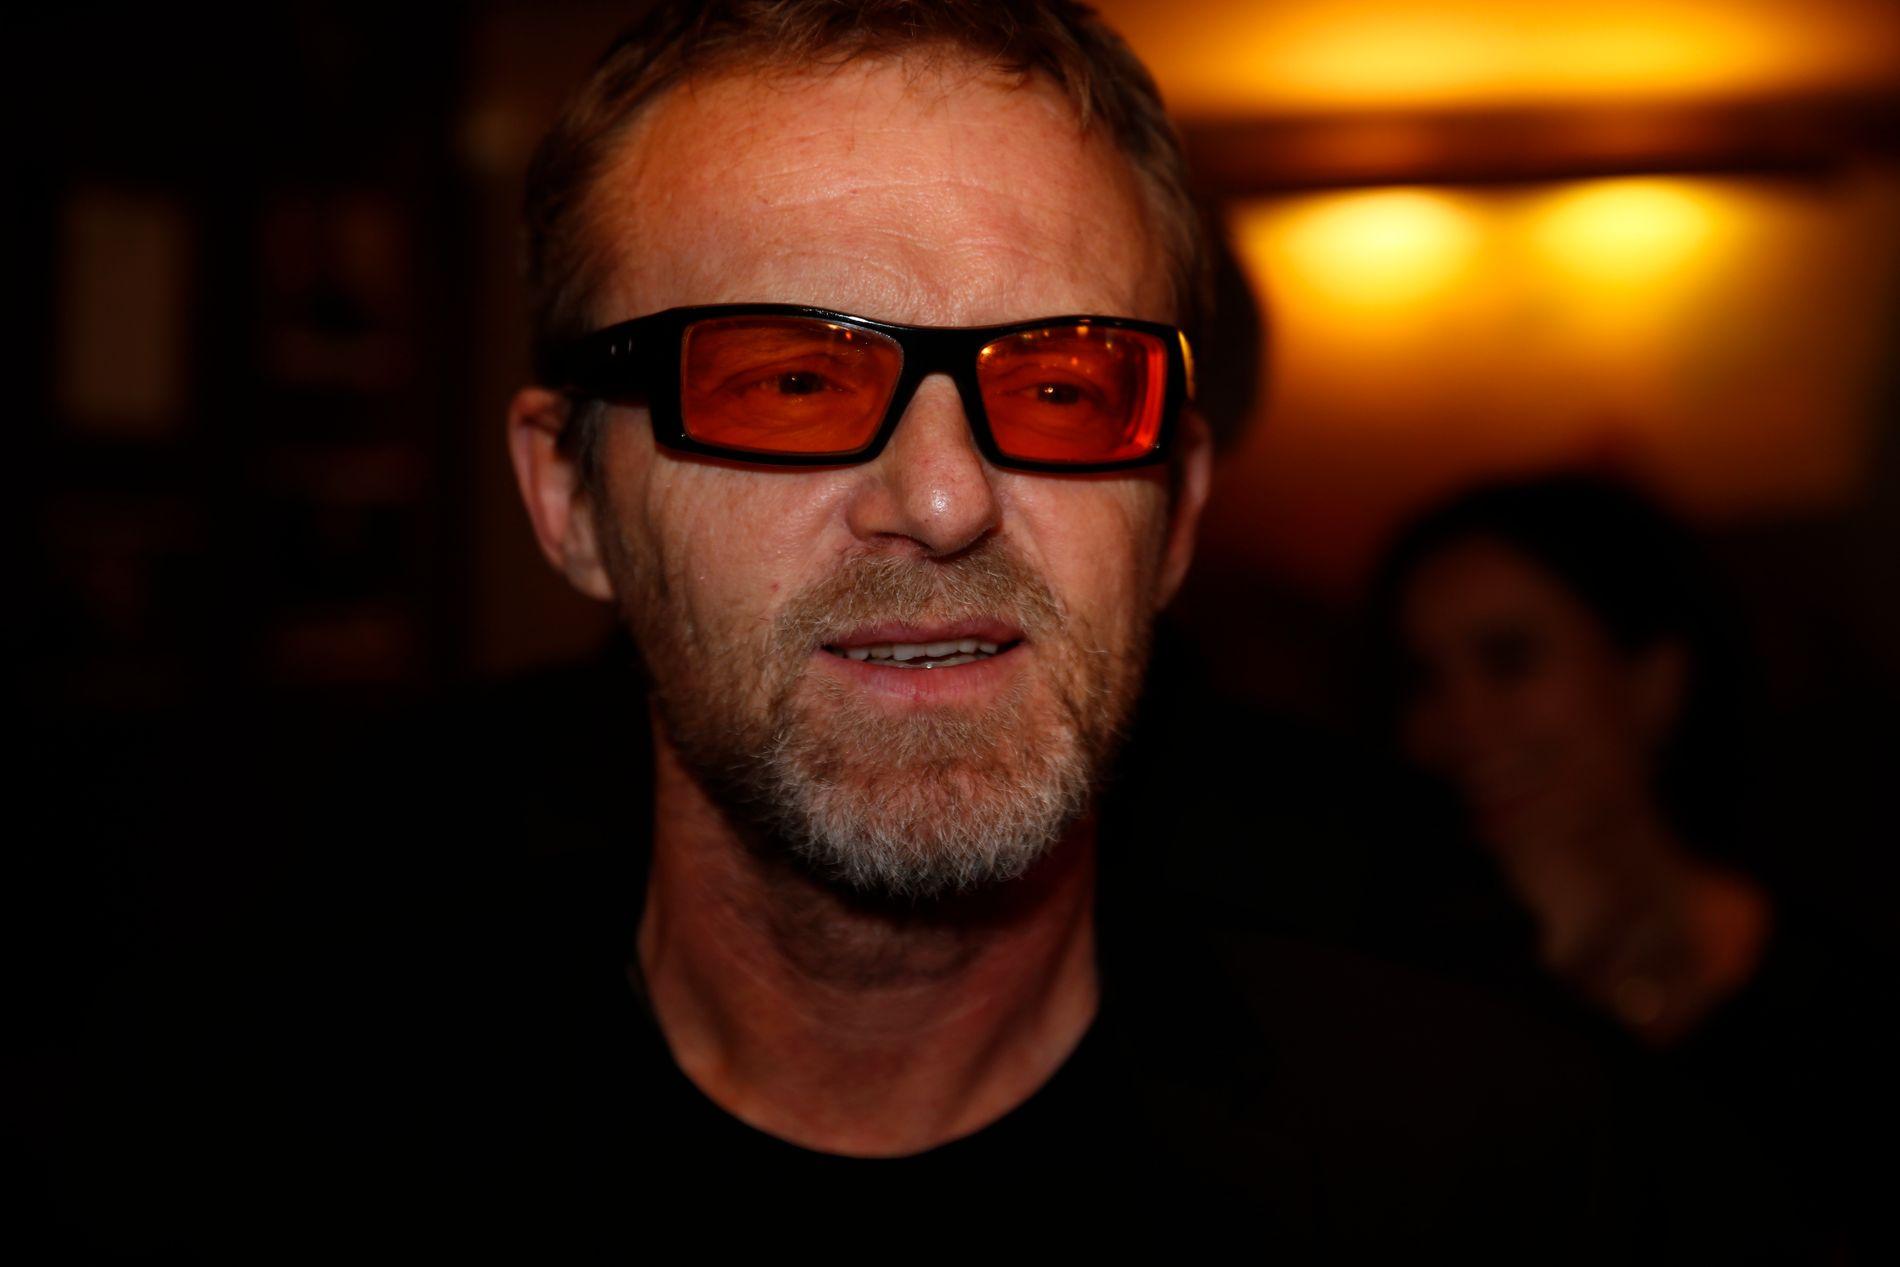 I KJENT STIL: Jo Nesbø bruker ikke Bono-briller på grunn av forfengelighet, men fordi han lider av en kronisk øyebetennelse som gjør at han må bruke farget glass.